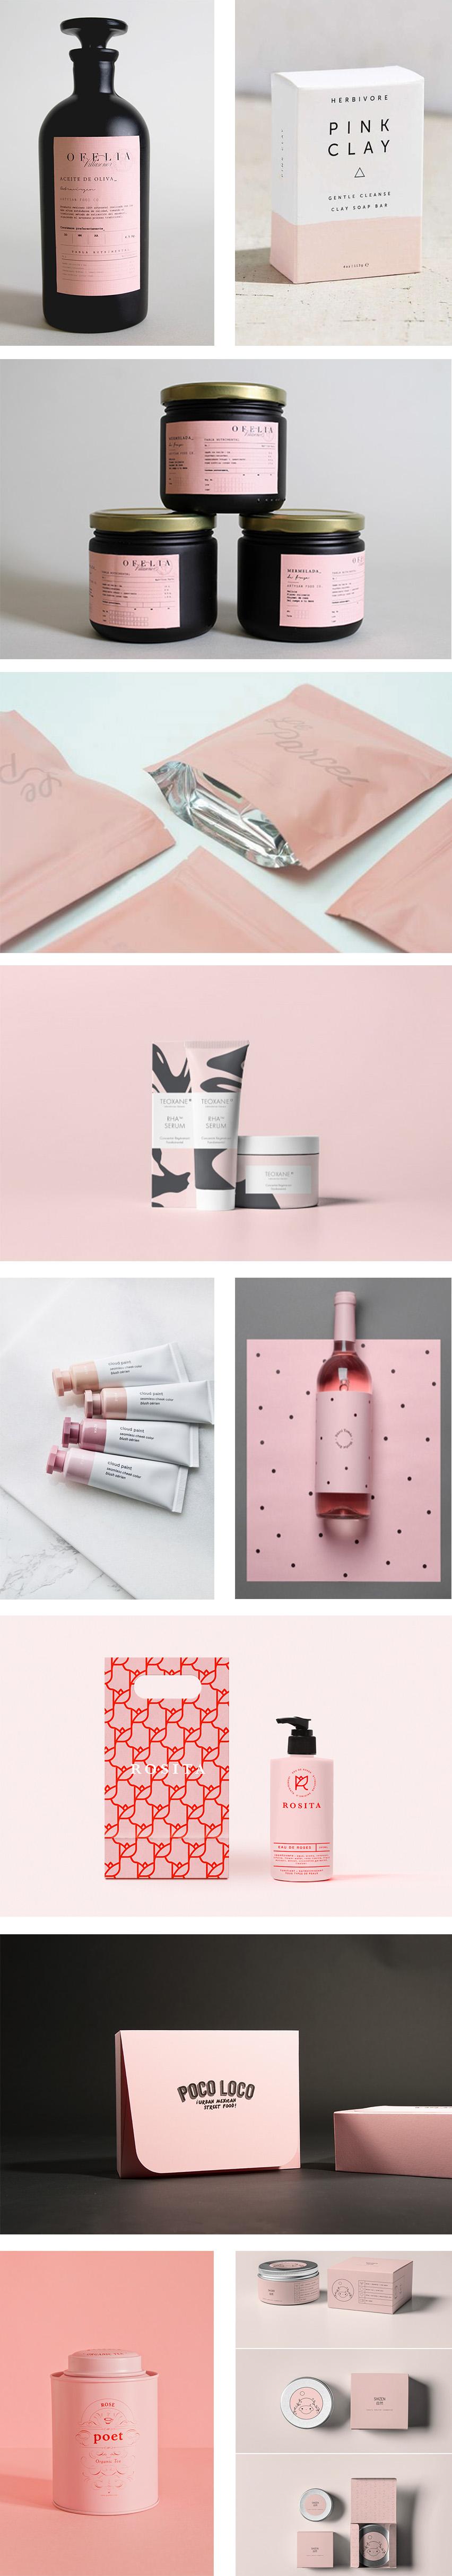 pink packaging @förpackad förpackningsdesign